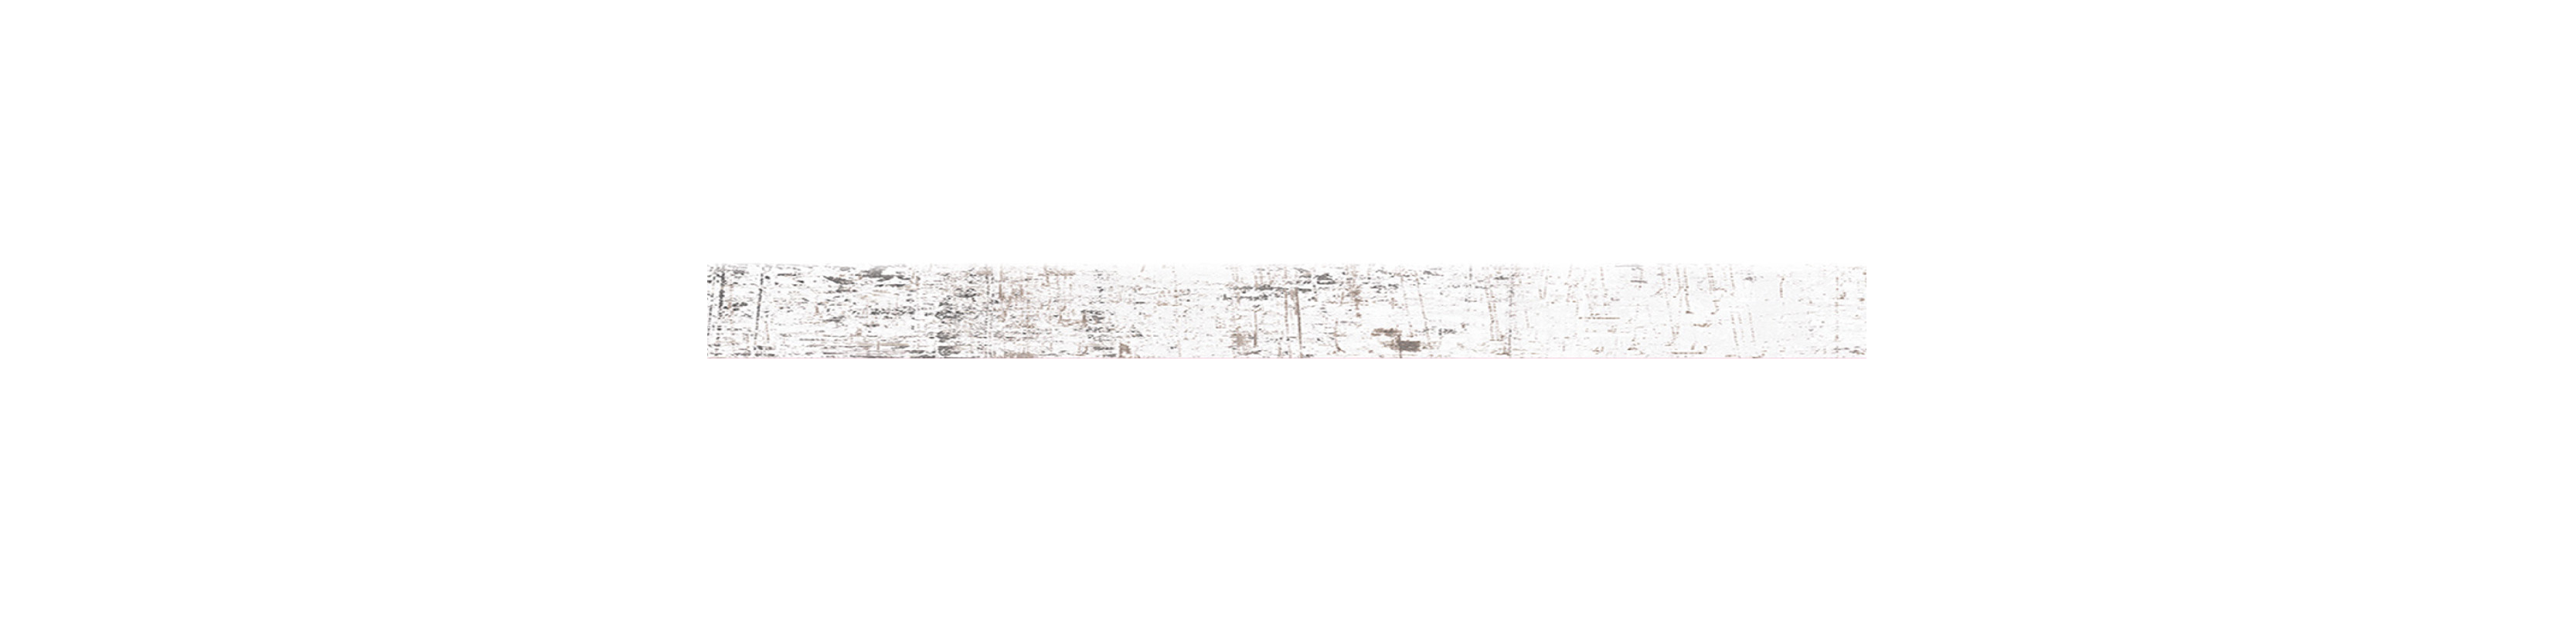 MDF 80mm szegőléc - Arteo / Prestige 034 2,4m - Rochelle lucfenyő MEGSZŰNŐ